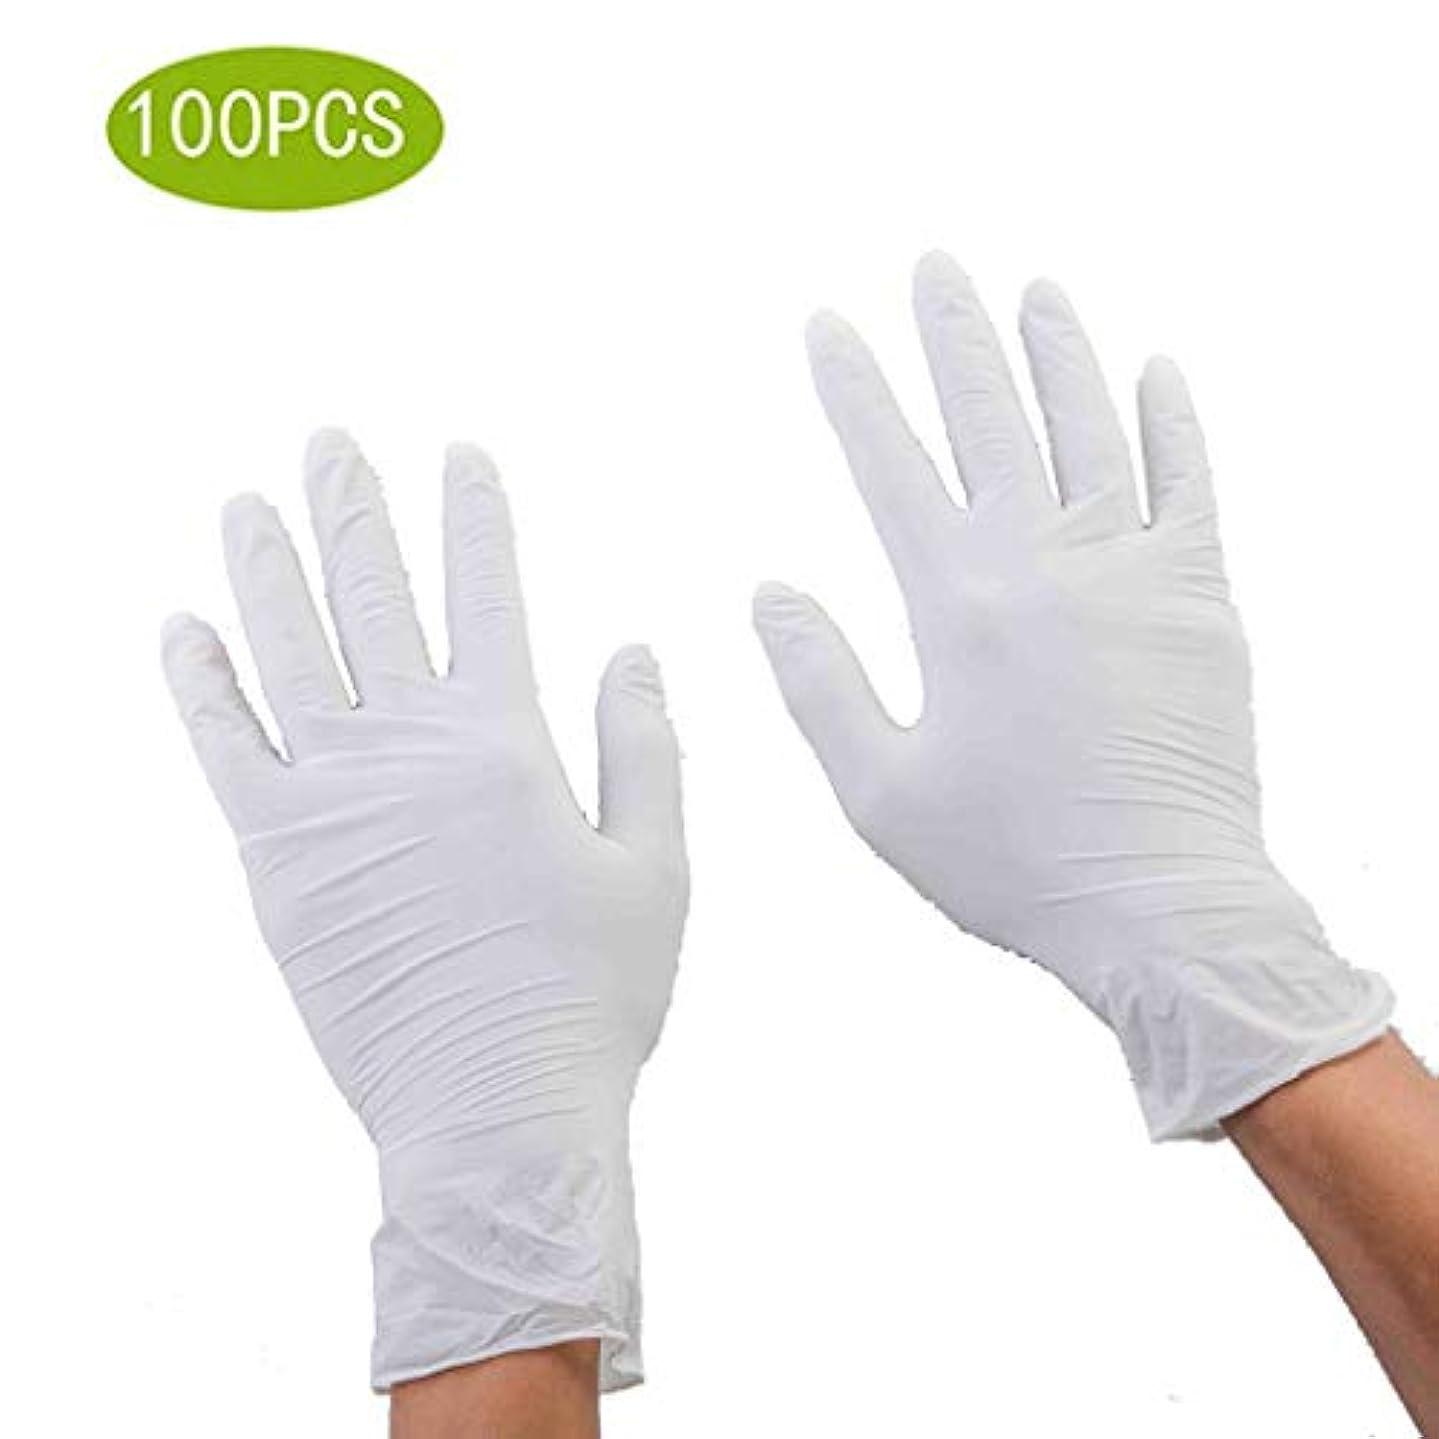 興奮直径なめらかな家庭用クリーニング手袋ニトリル検査用手袋 - 医療用グレード、パウダーフリー、ラテックスゴムフリー、使い捨て、食品安全 (Size : L)